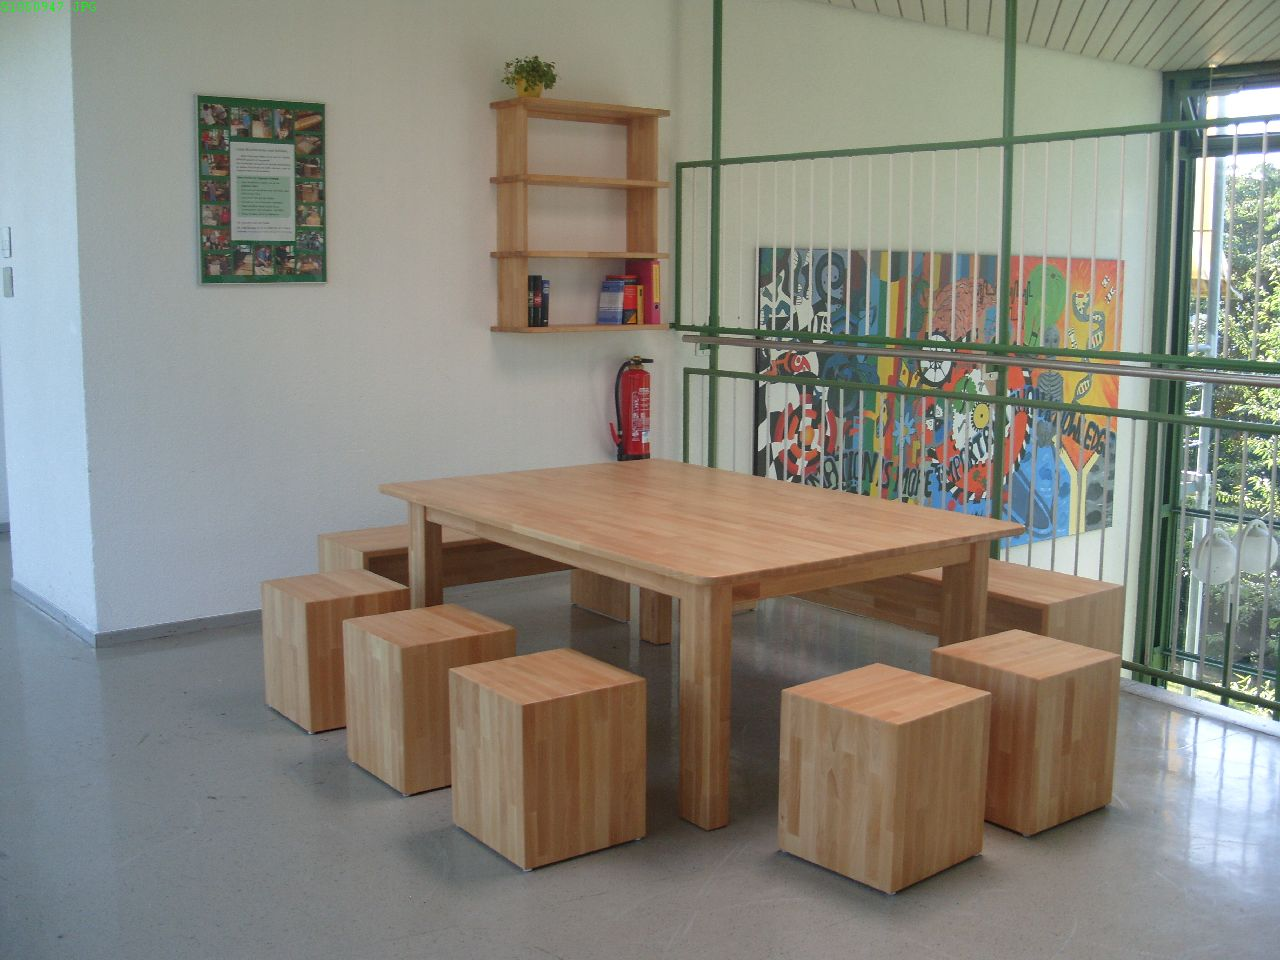 neue m bel f r die galerie im neubau realschule berlingen. Black Bedroom Furniture Sets. Home Design Ideas